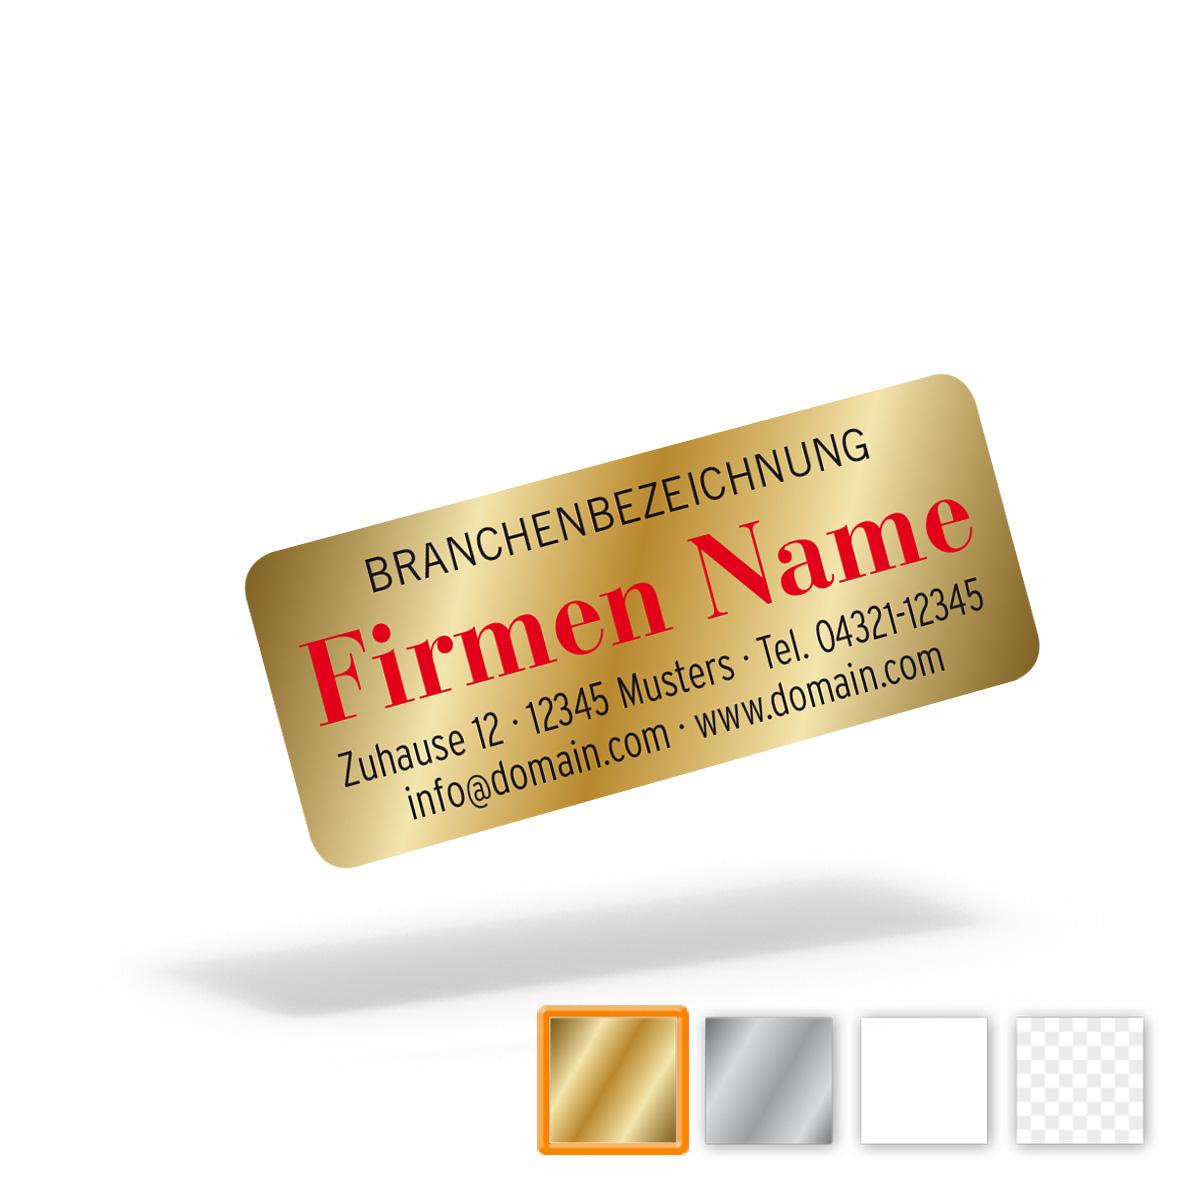 Pythagoras Marketing Gmbh Schmucketiketten Aufkleber 40 8 X 16 Geschenkgutscheine Visitenkarten Kundenkarten Und Weitere Treuesysteme